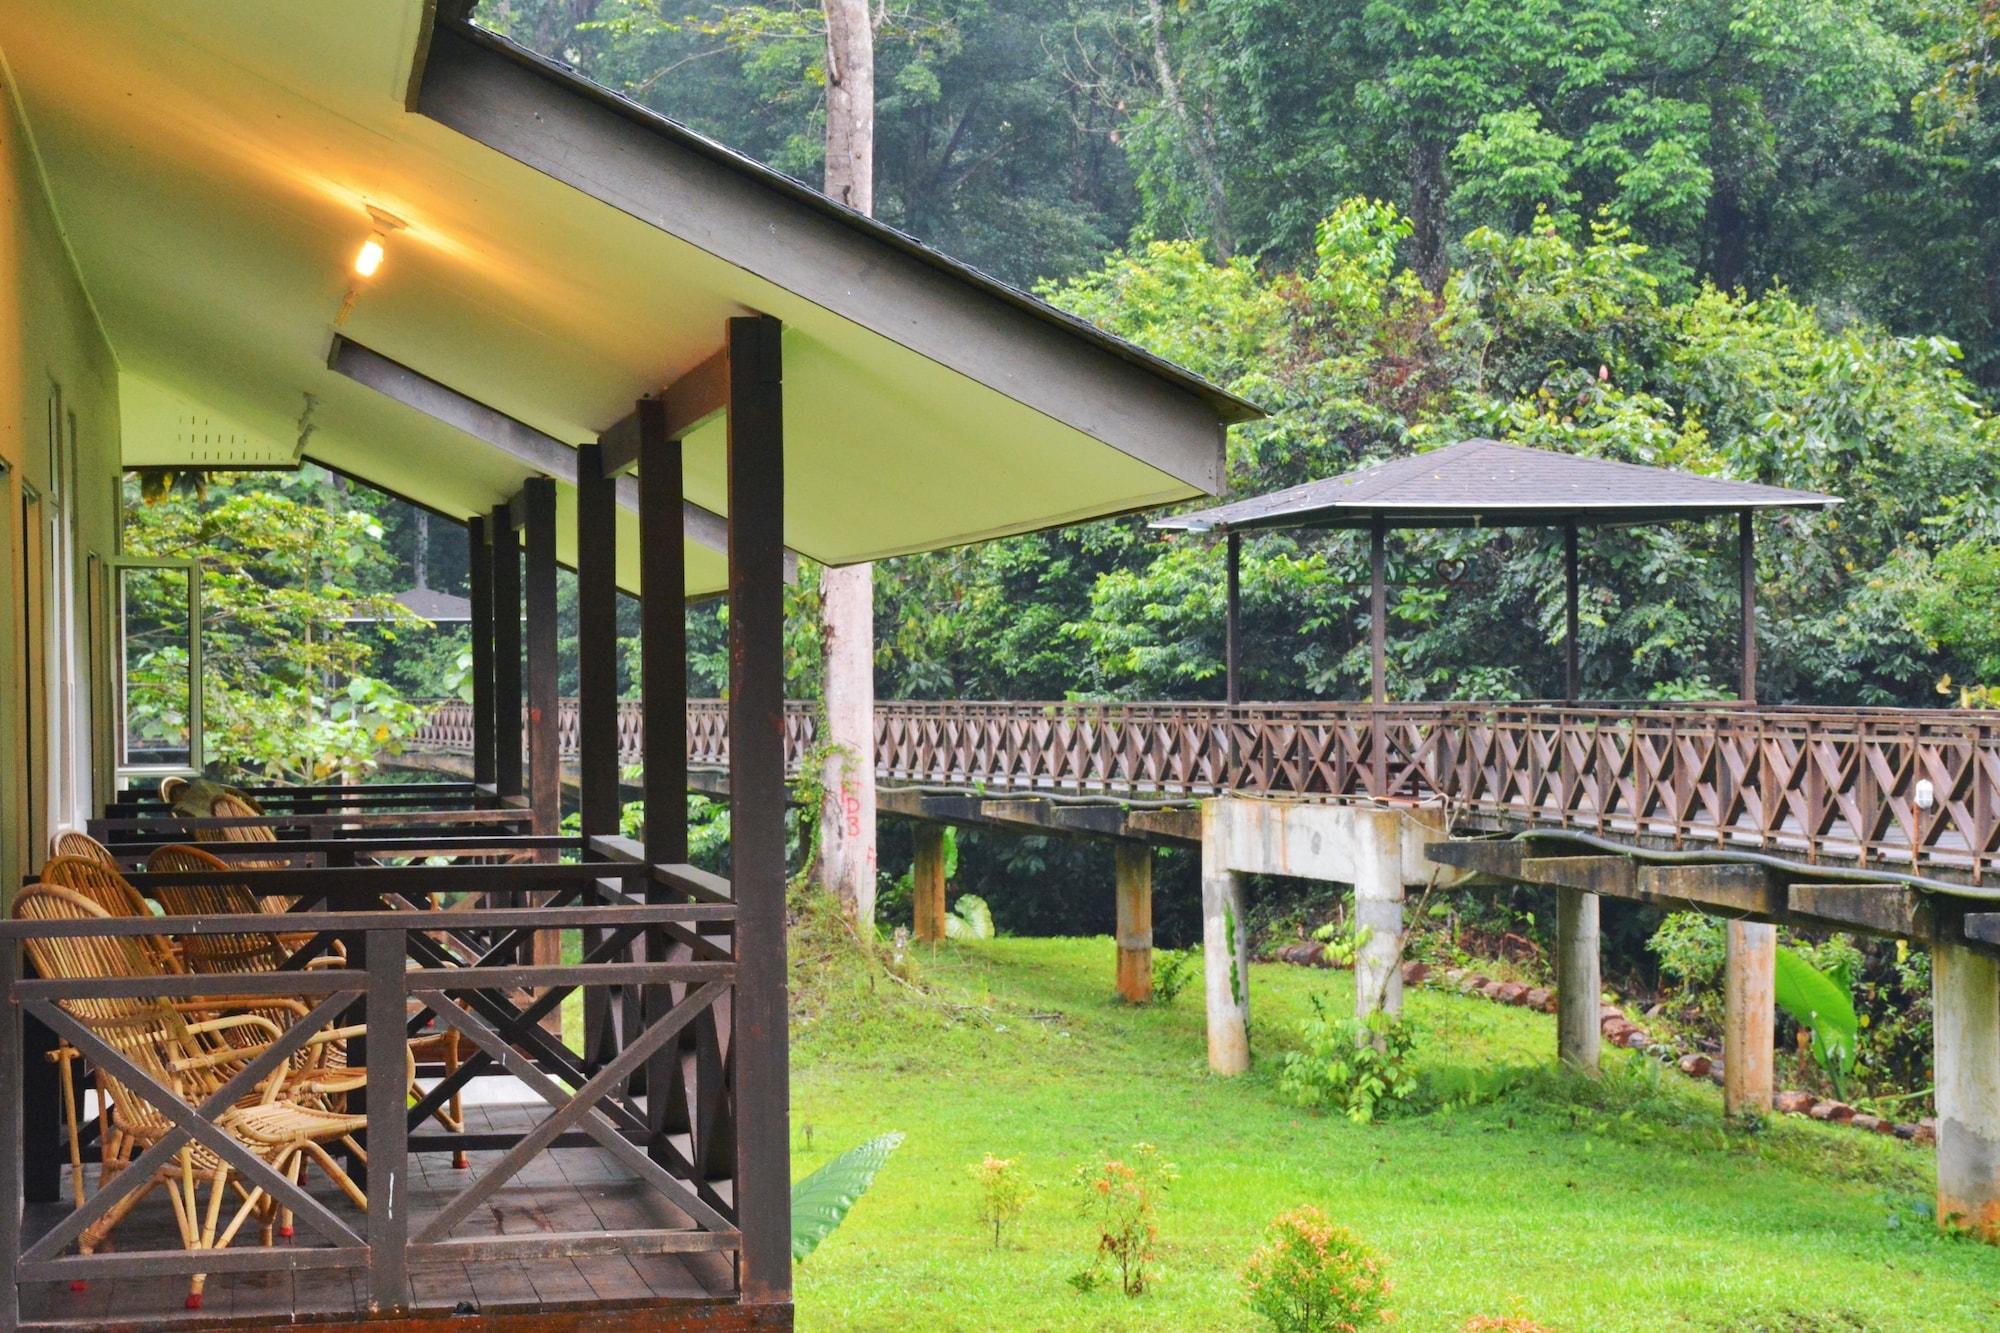 Kawag Danum Rainforest Lodge, Lahad Datu